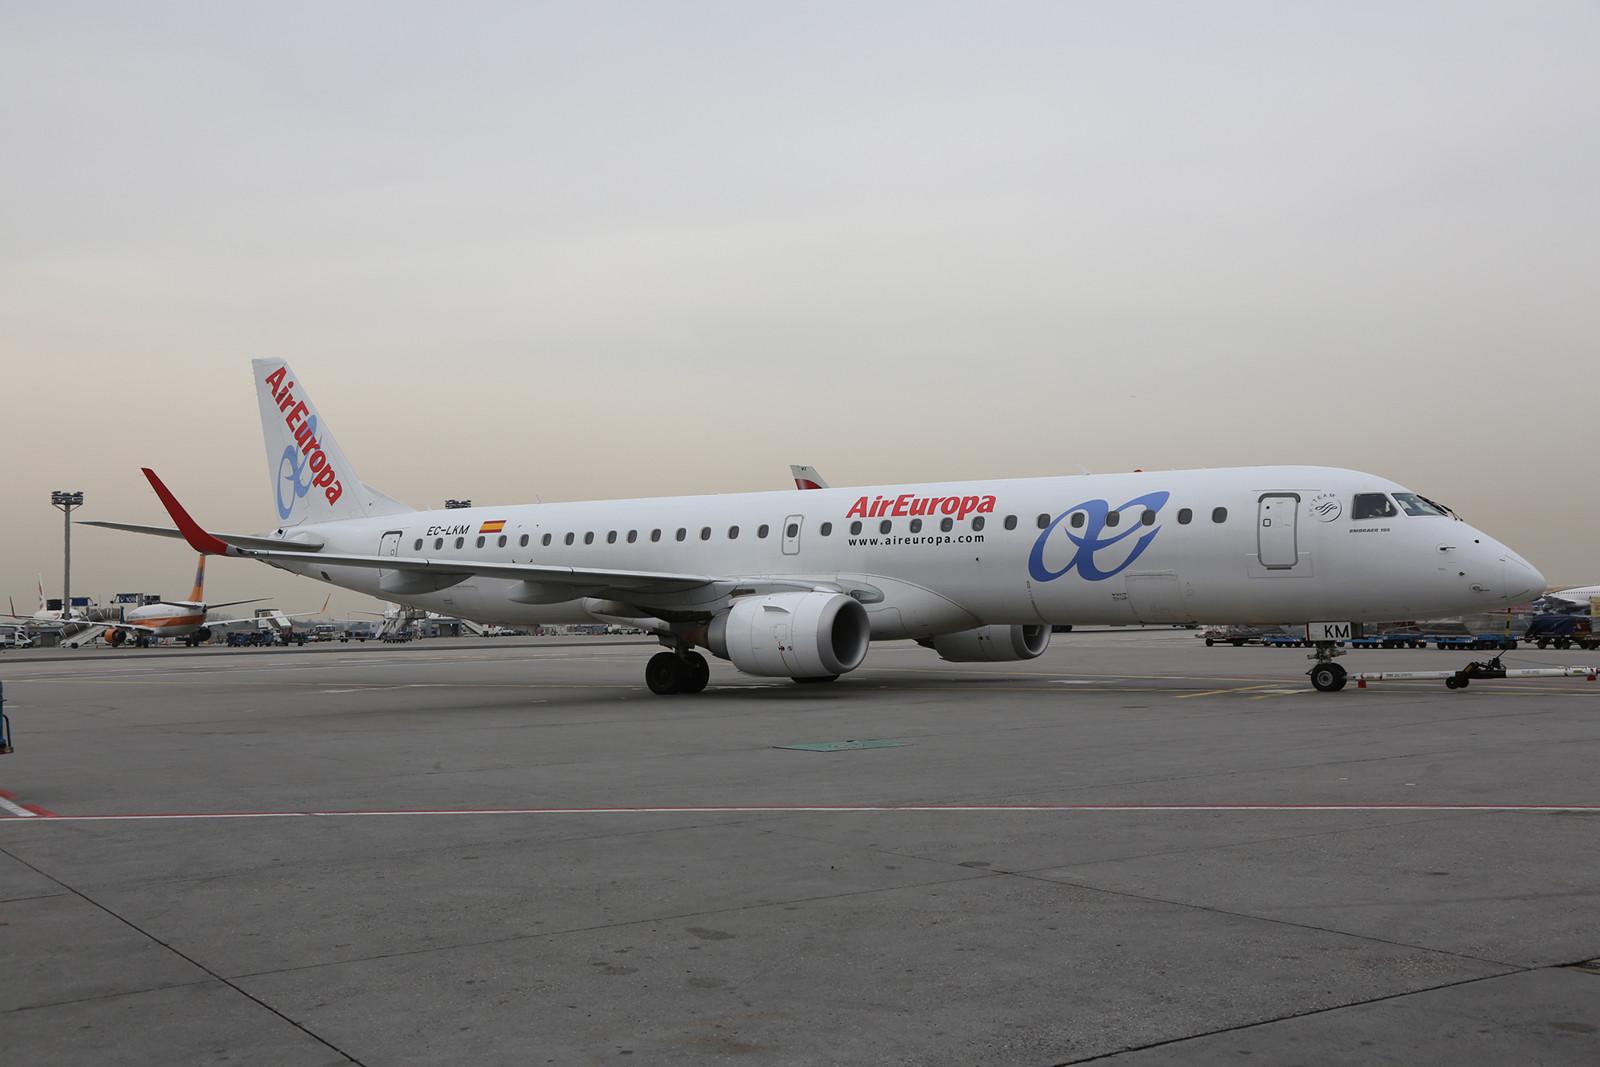 Die Embraer 195 mit dem Kenner EC-LKM hatte die Ehre, den ersten Flug durchzuführen.